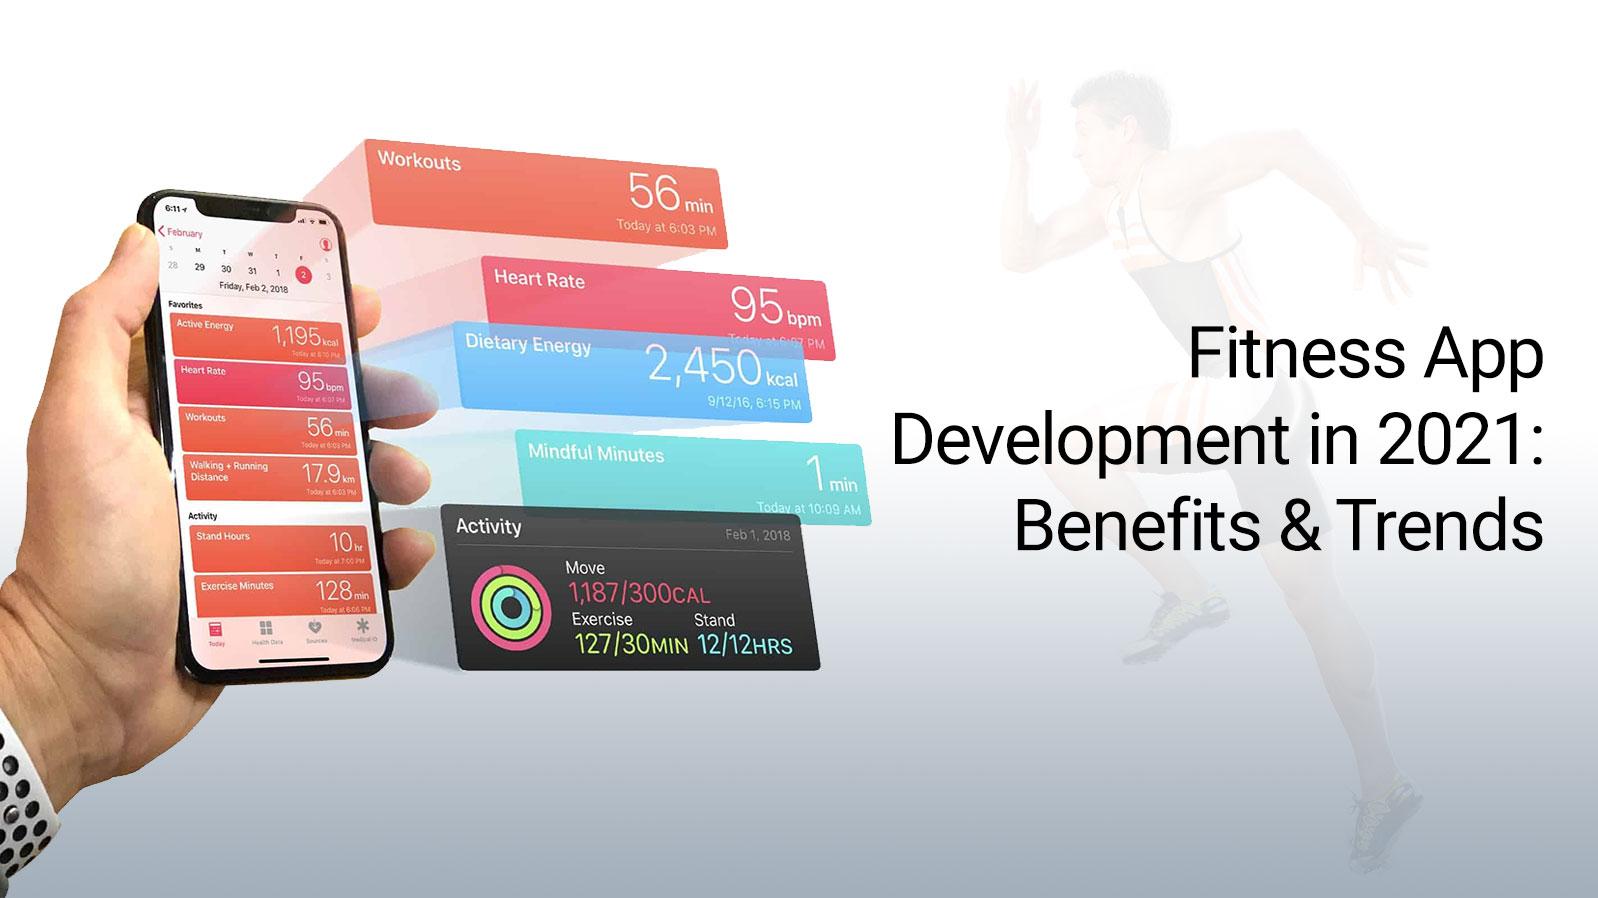 Fitness App Development in 2021: Benefits & Trends